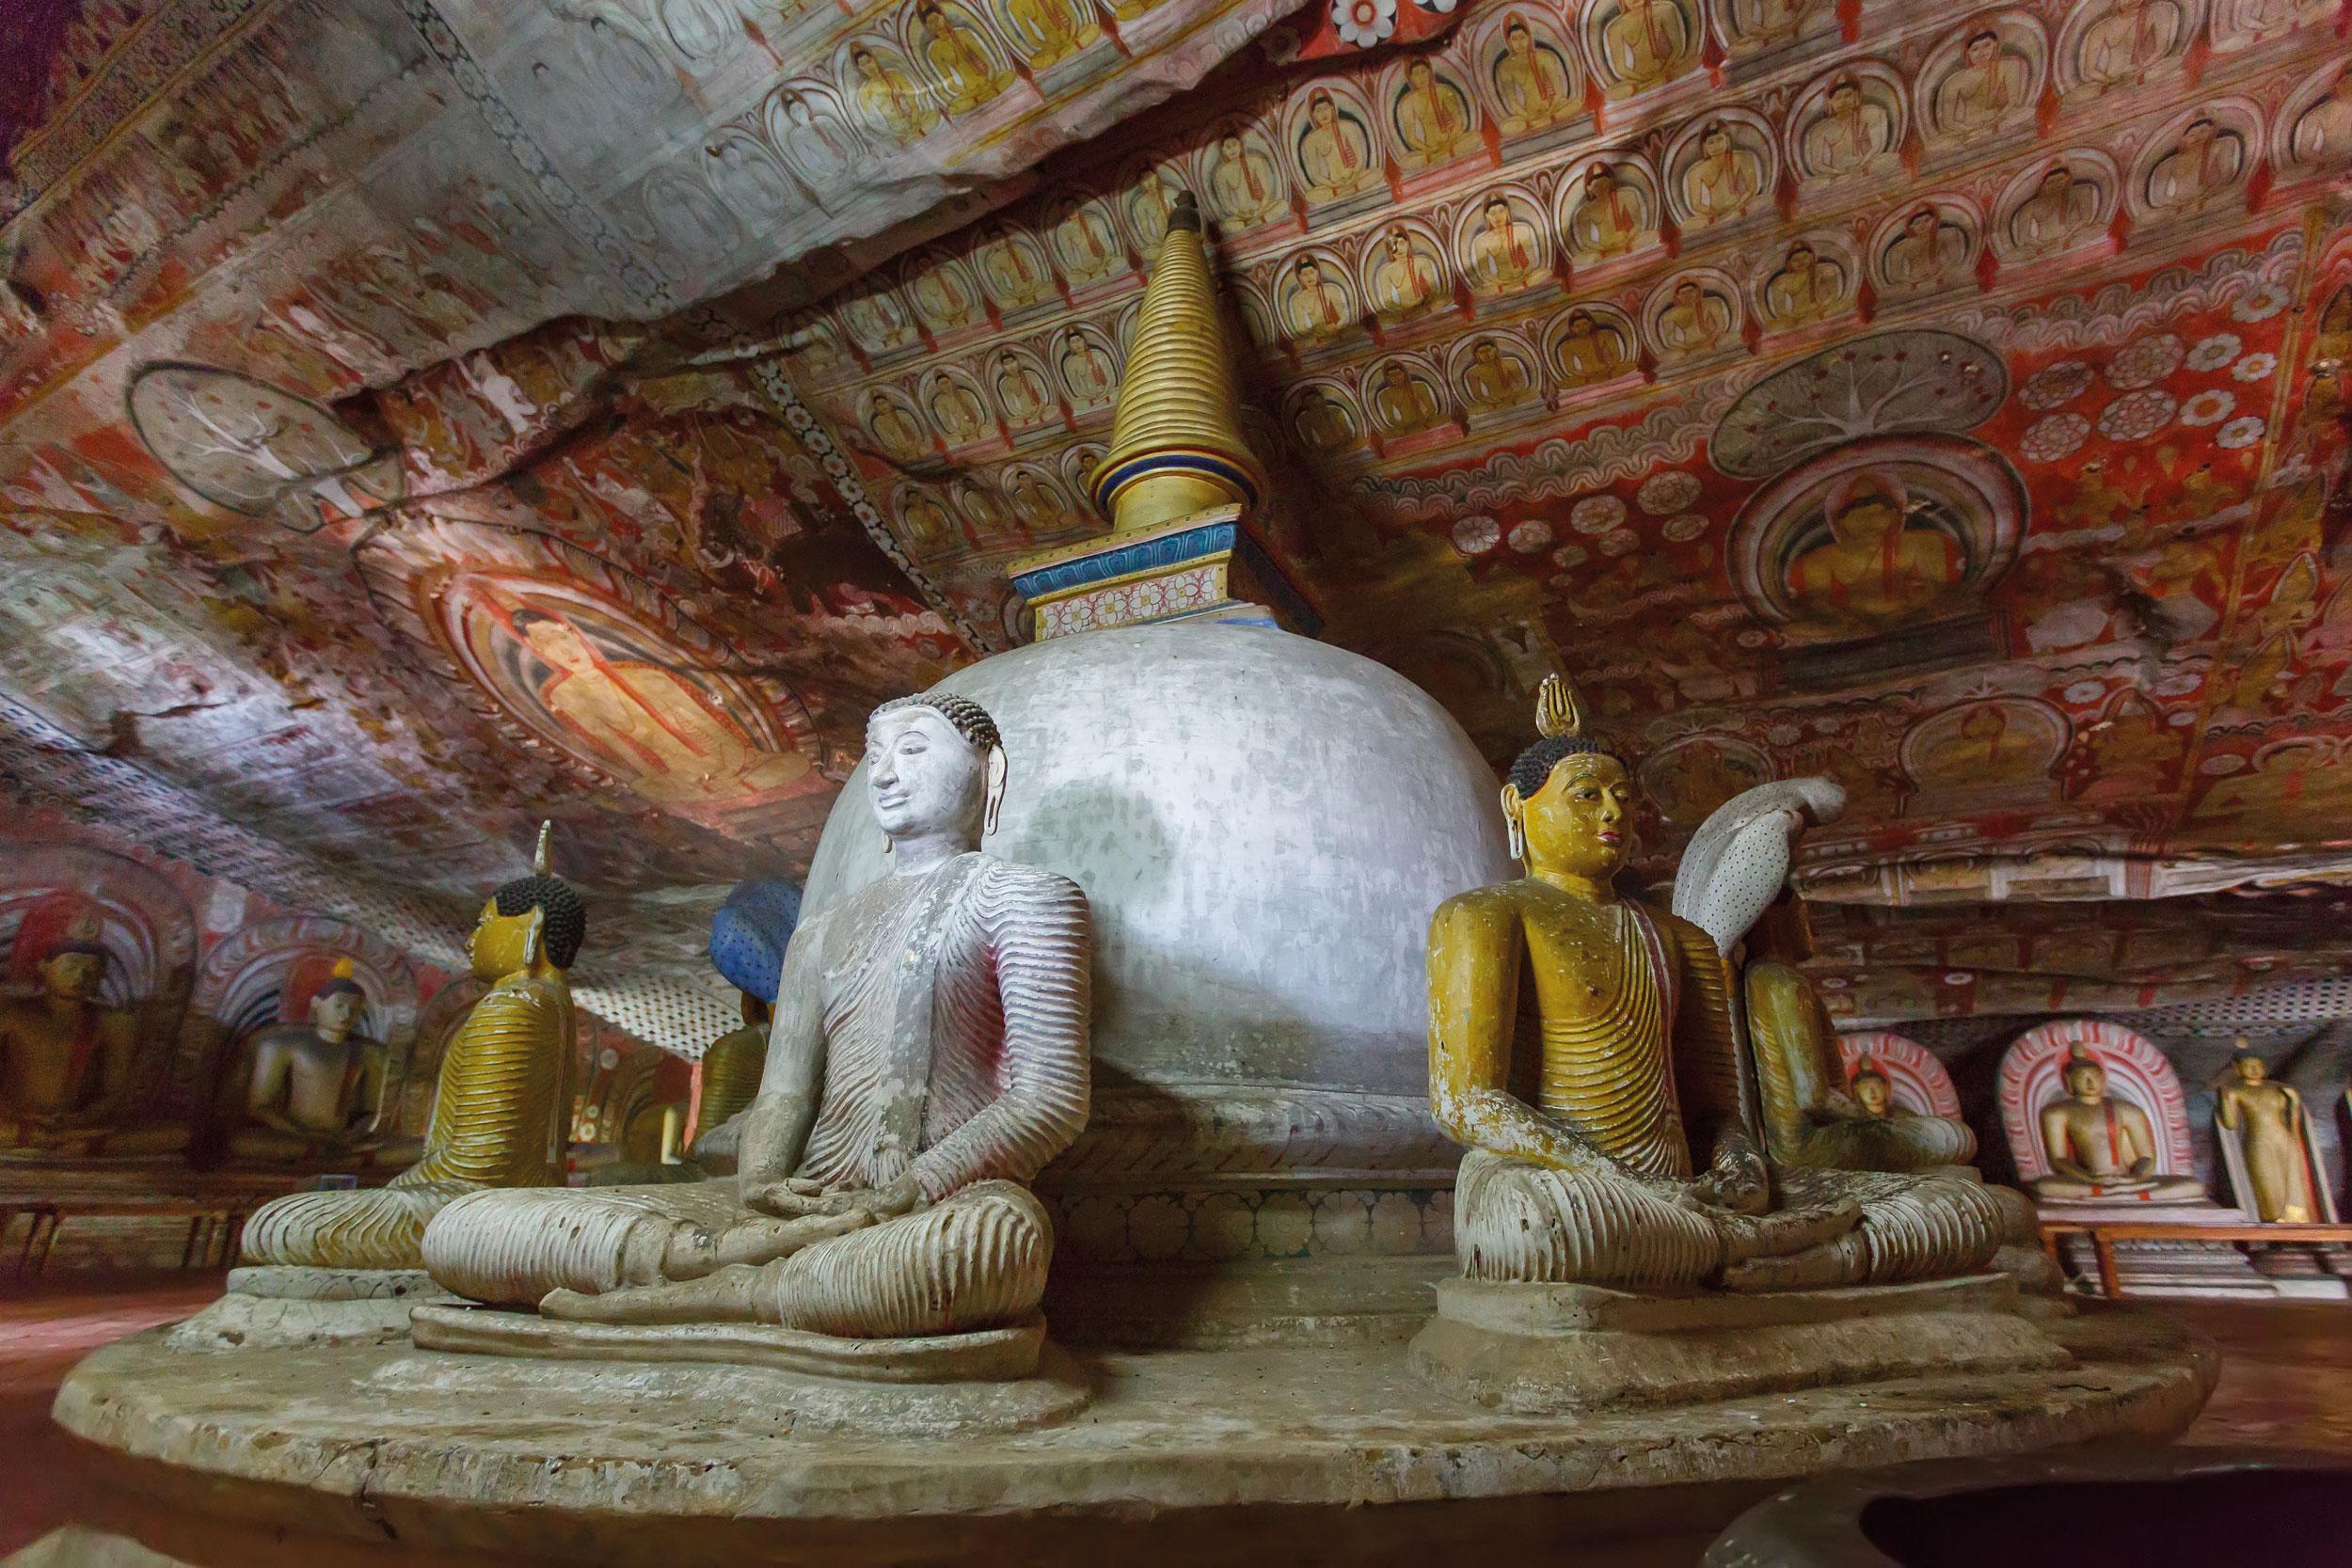 Buddhastatuen in einer Höhle